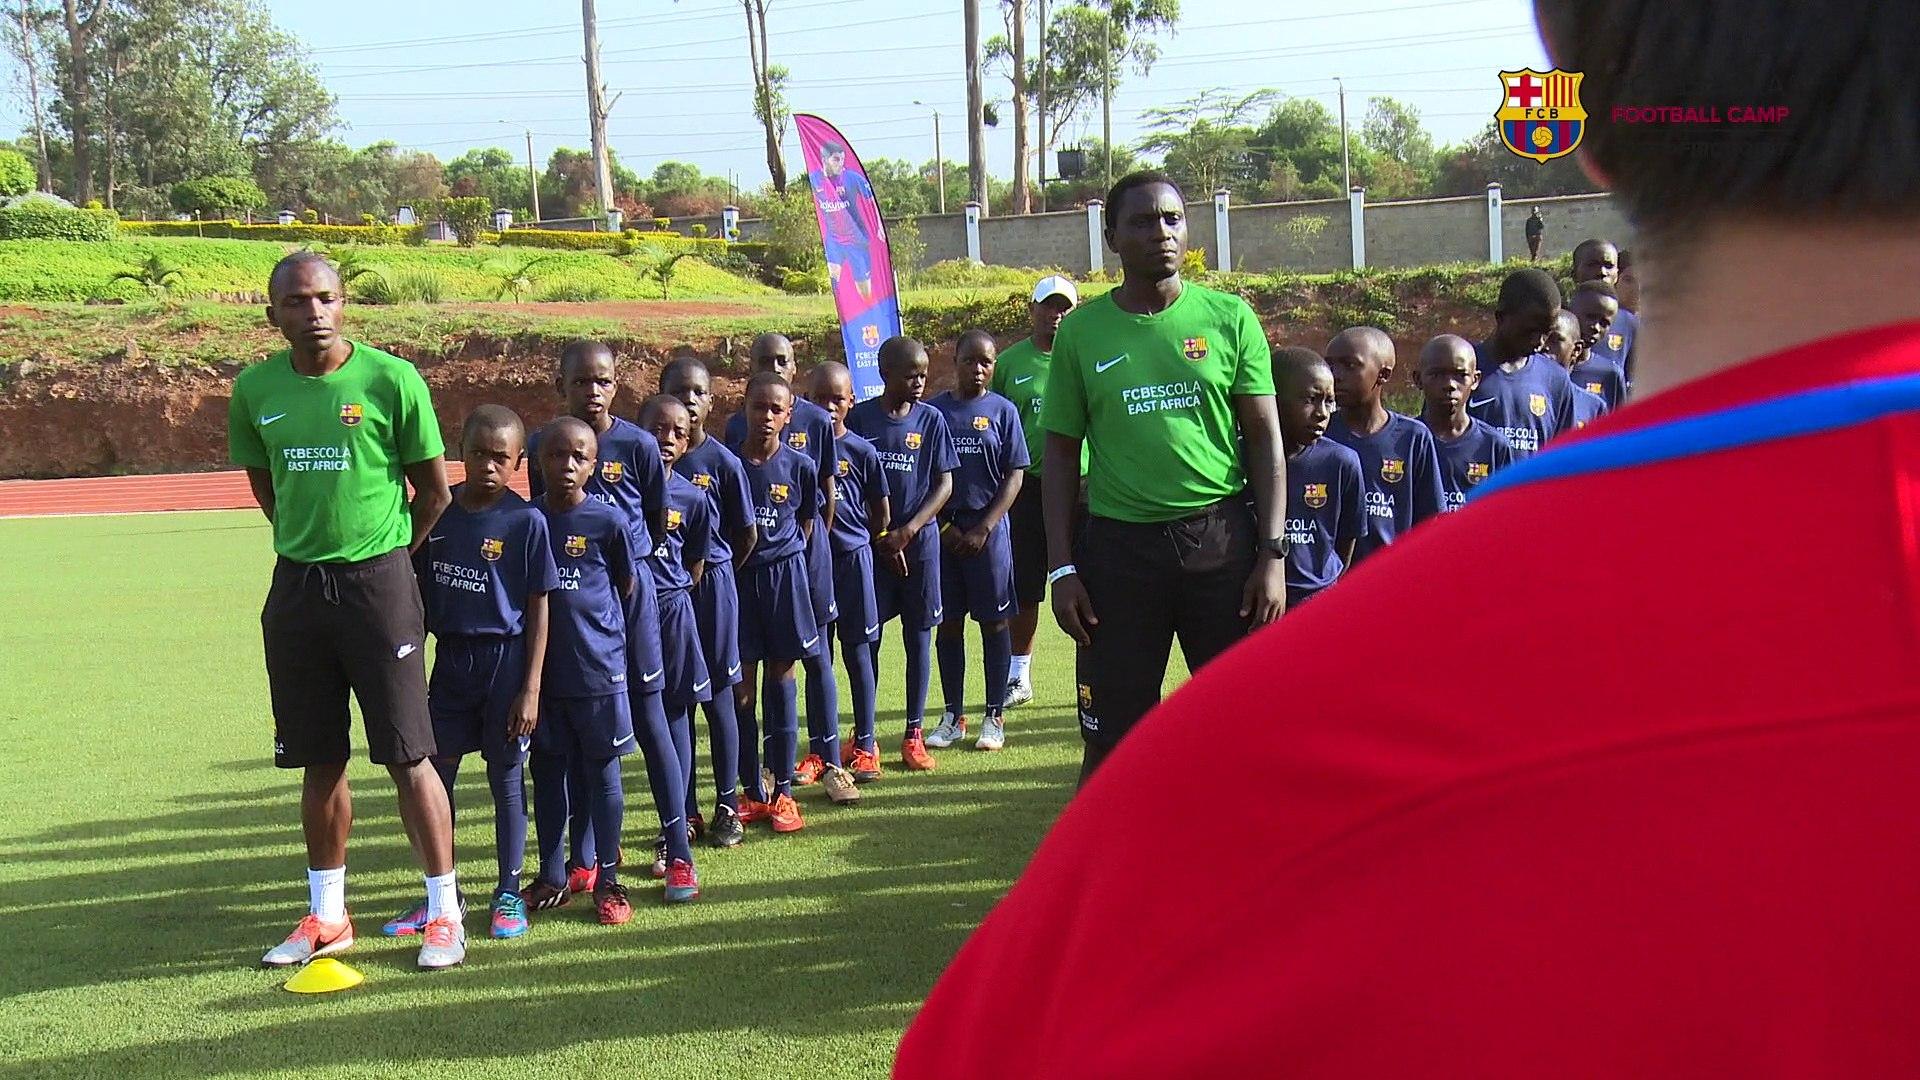 FCB Escola East Africa - Camp - December 11, 2017 to December 15, 2017